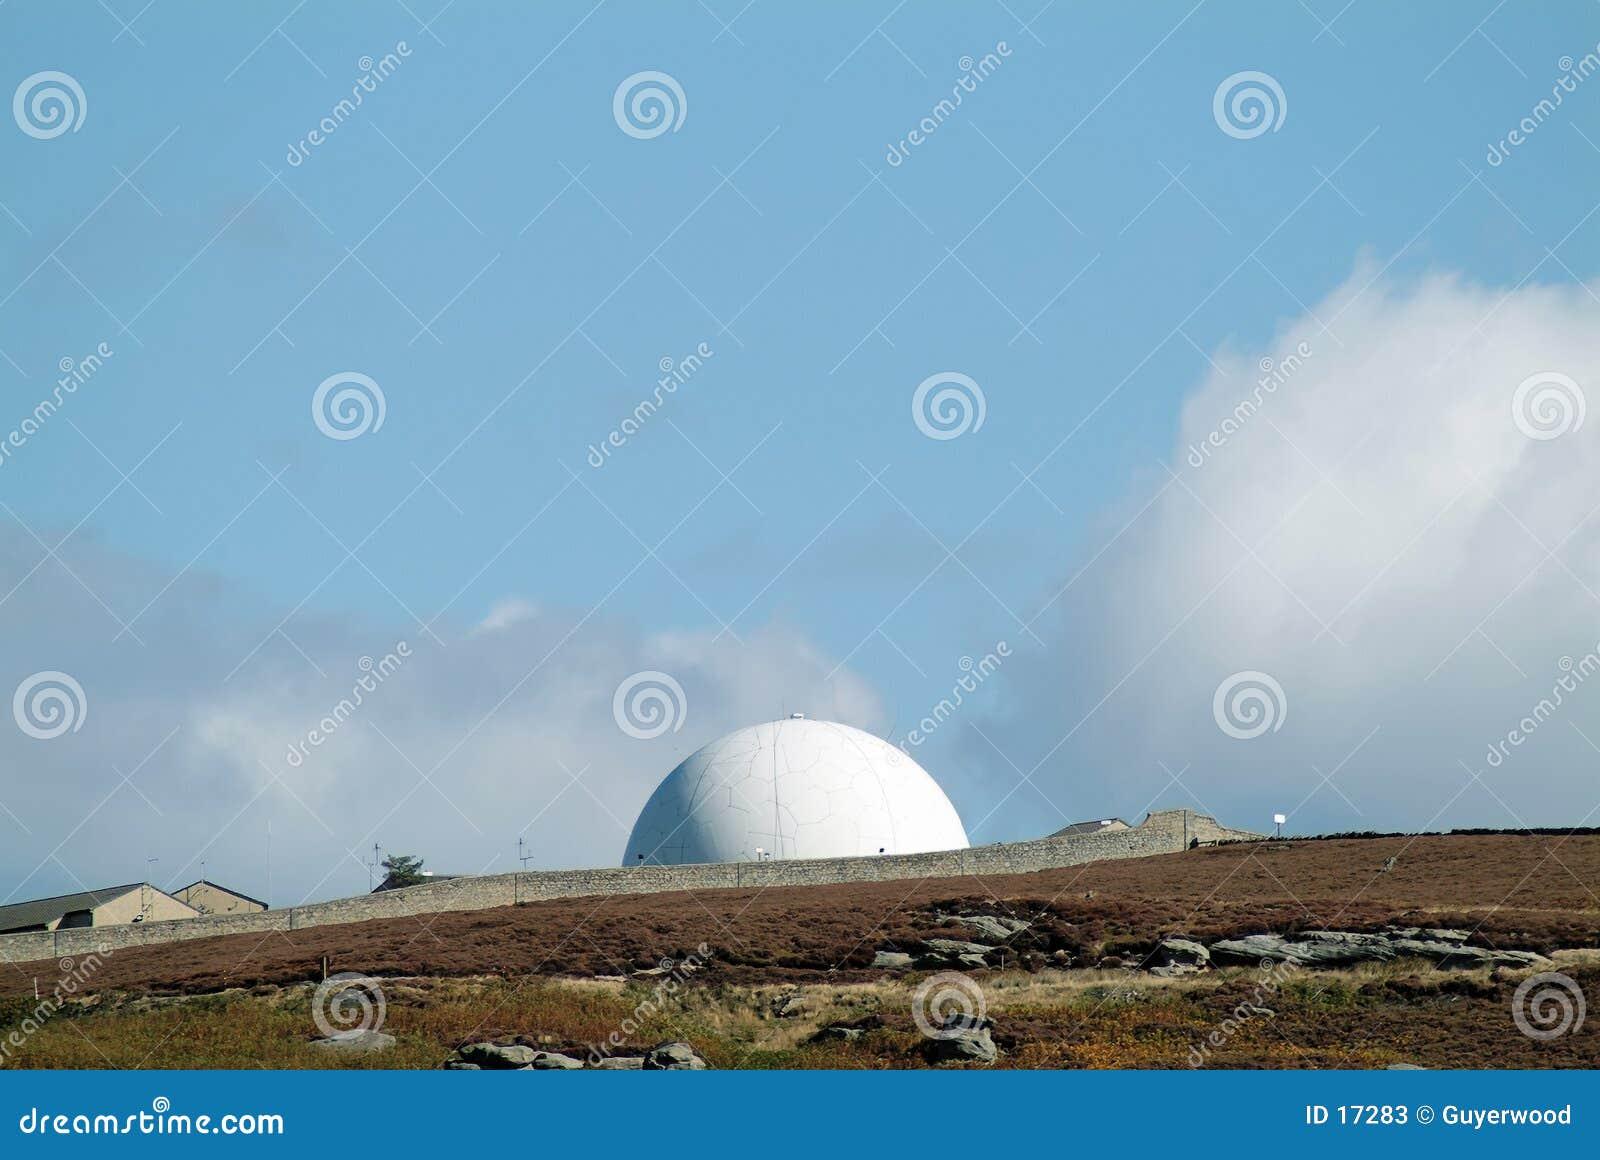 придайте куполообразную форму радиолокатор